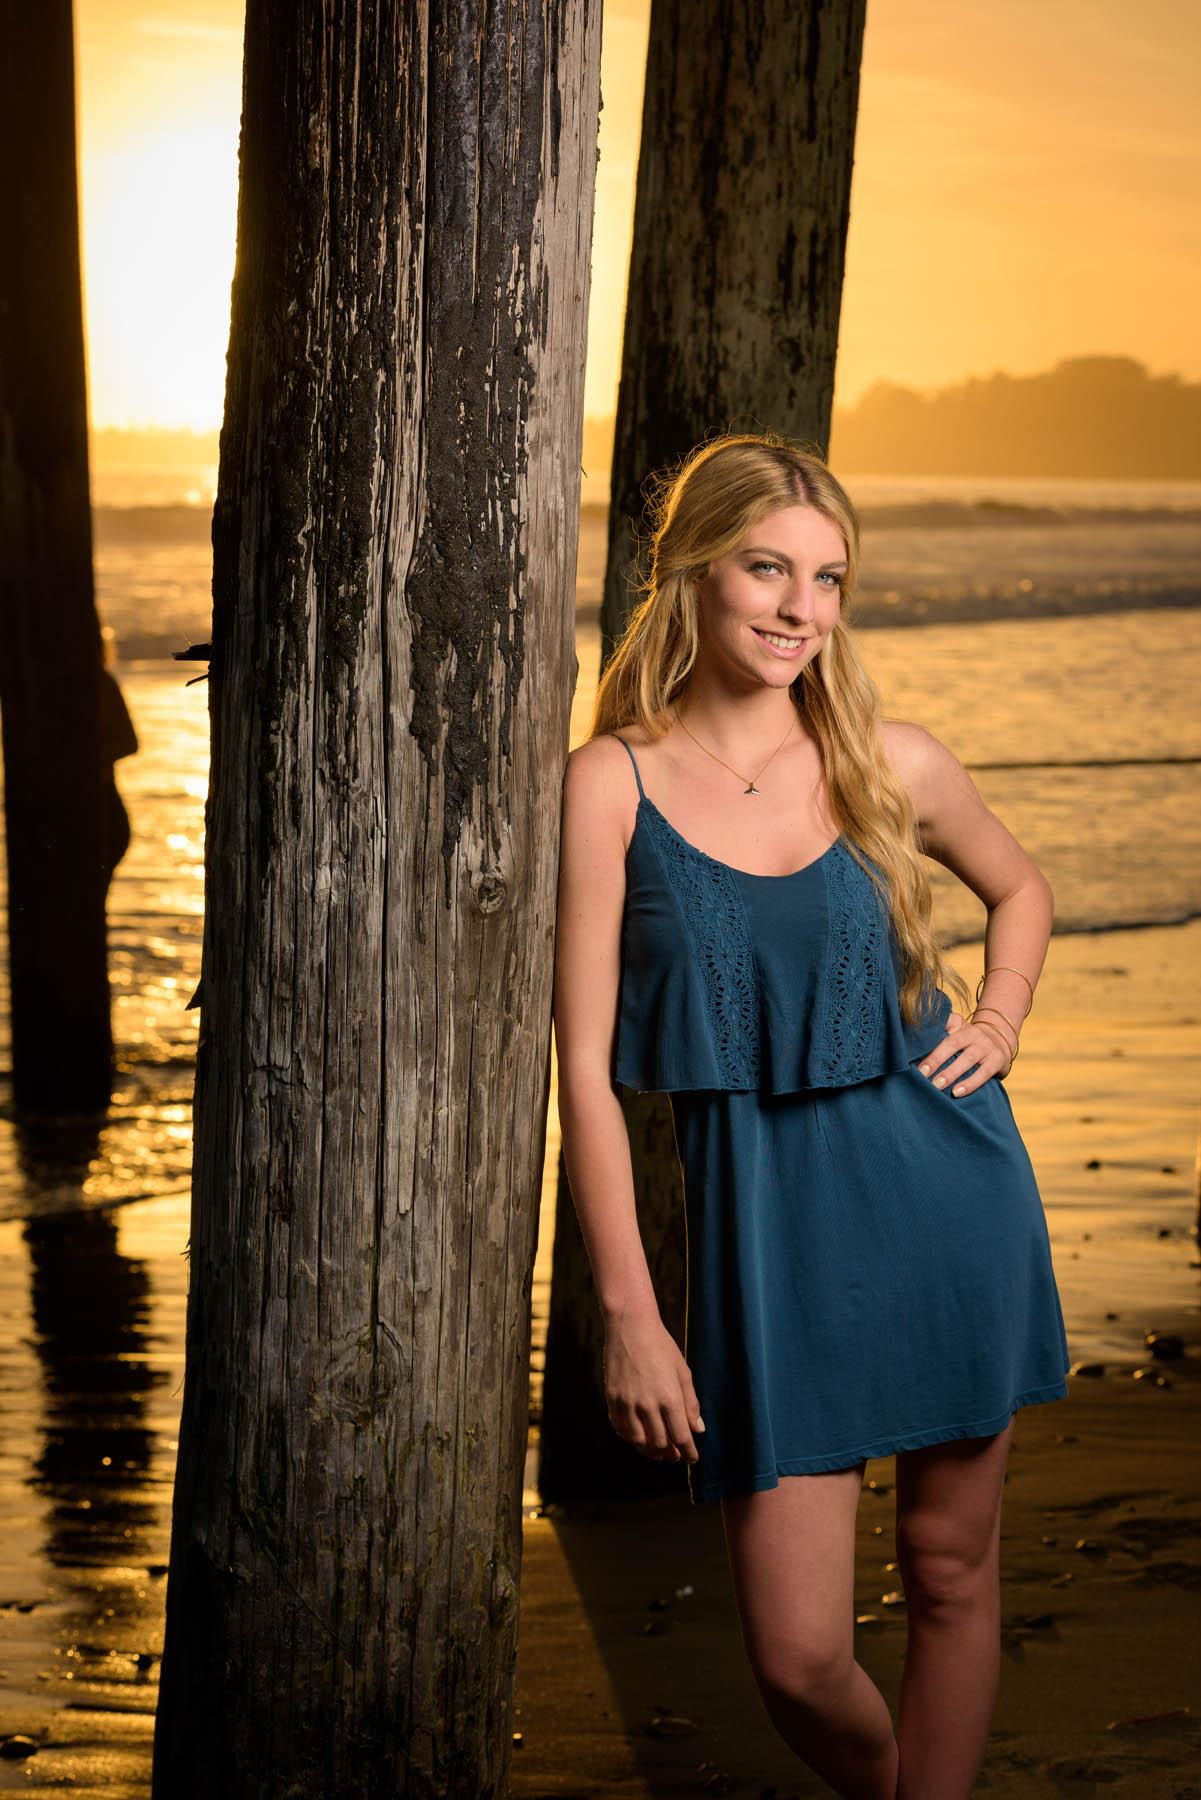 3263_Hannah_S_Seacliff_Beach_Aptos_Senior_Portrait_Photography.jpg